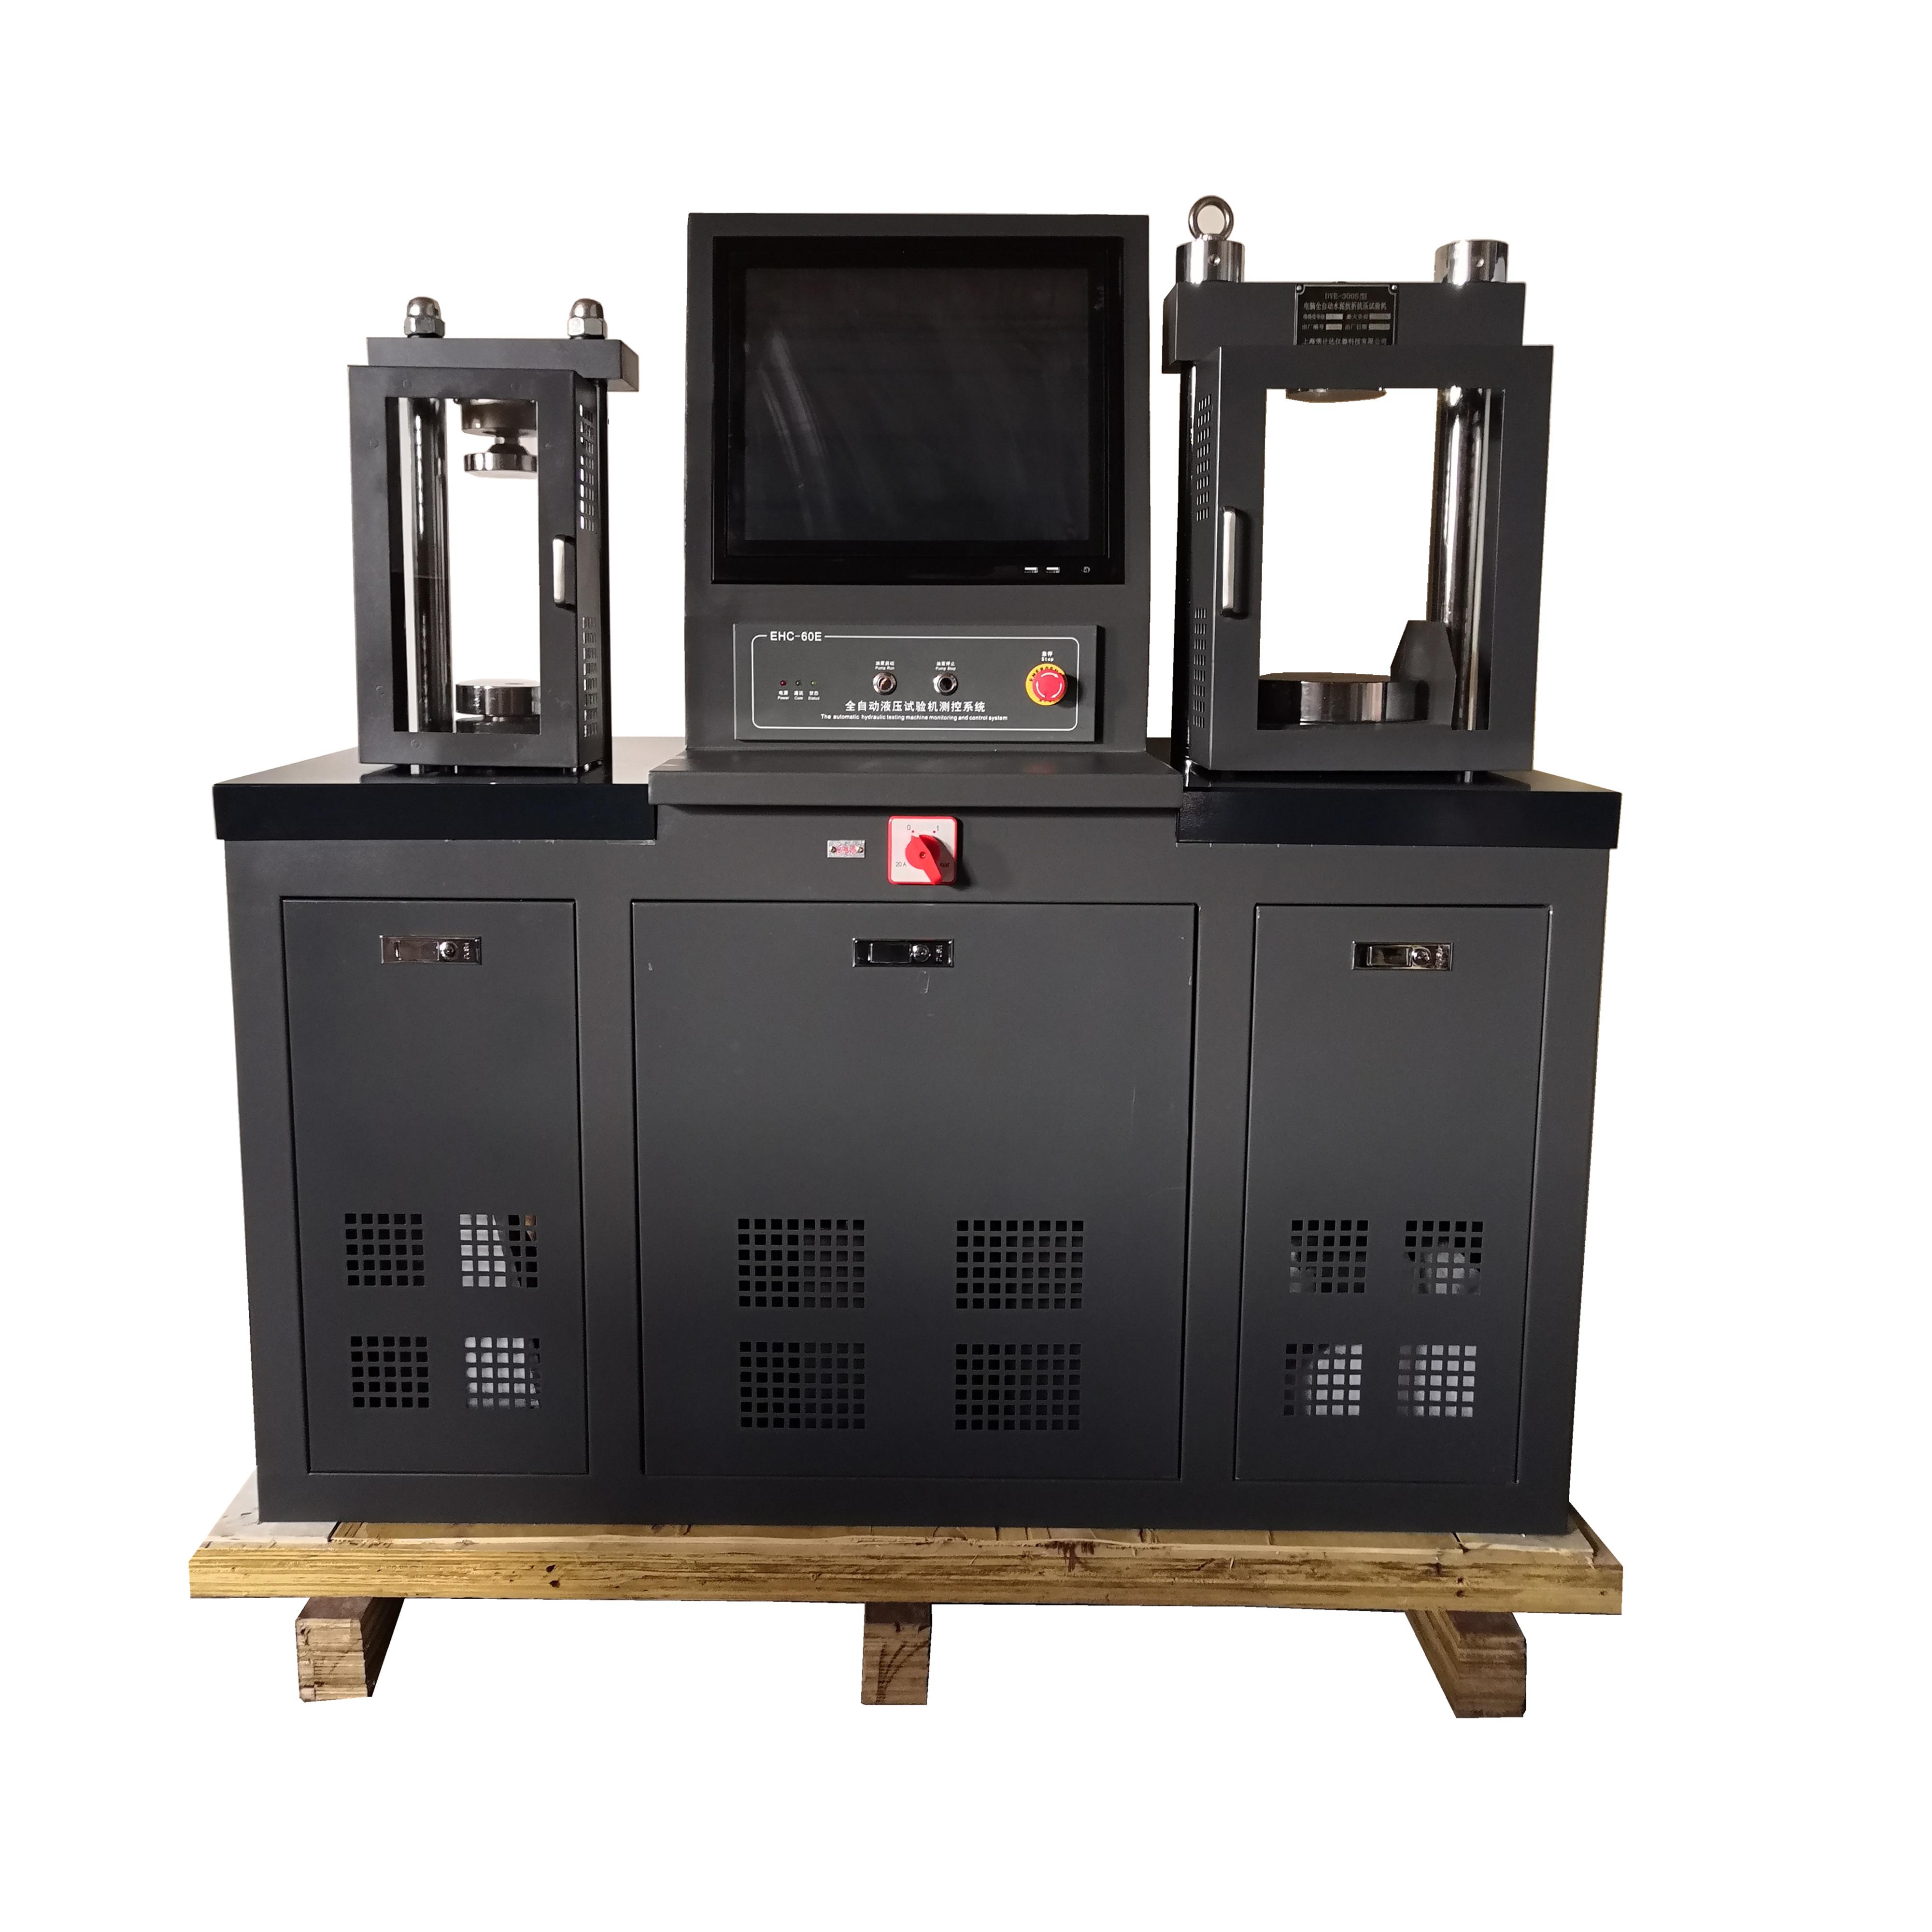 水泥抗折抗压试验机,水泥抗折抗压一体机,全自动水泥恒应力压力试验机